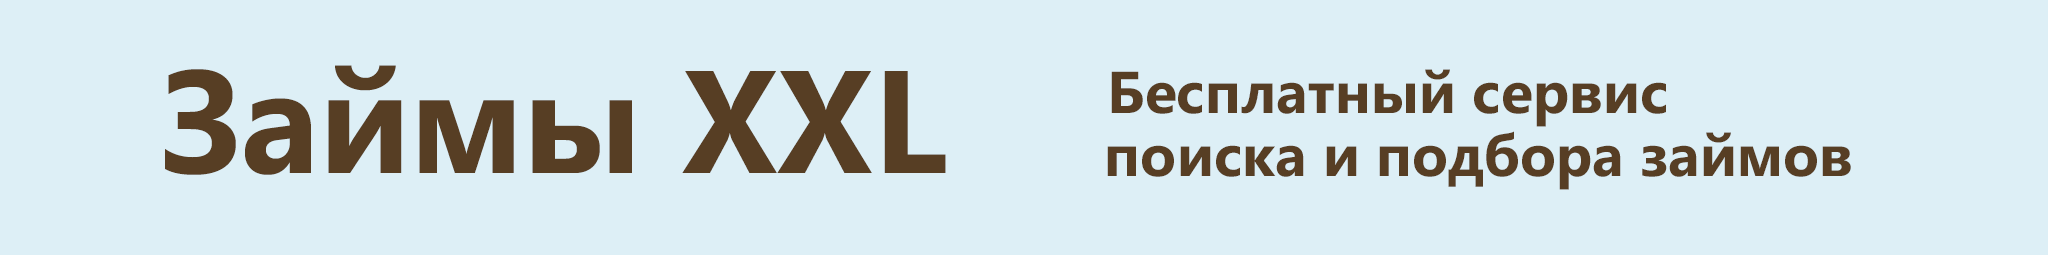 Займы XXL — это БЕСПЛАТНЫЙ онлайн сервис по поиску и подбору микрозаймов по.